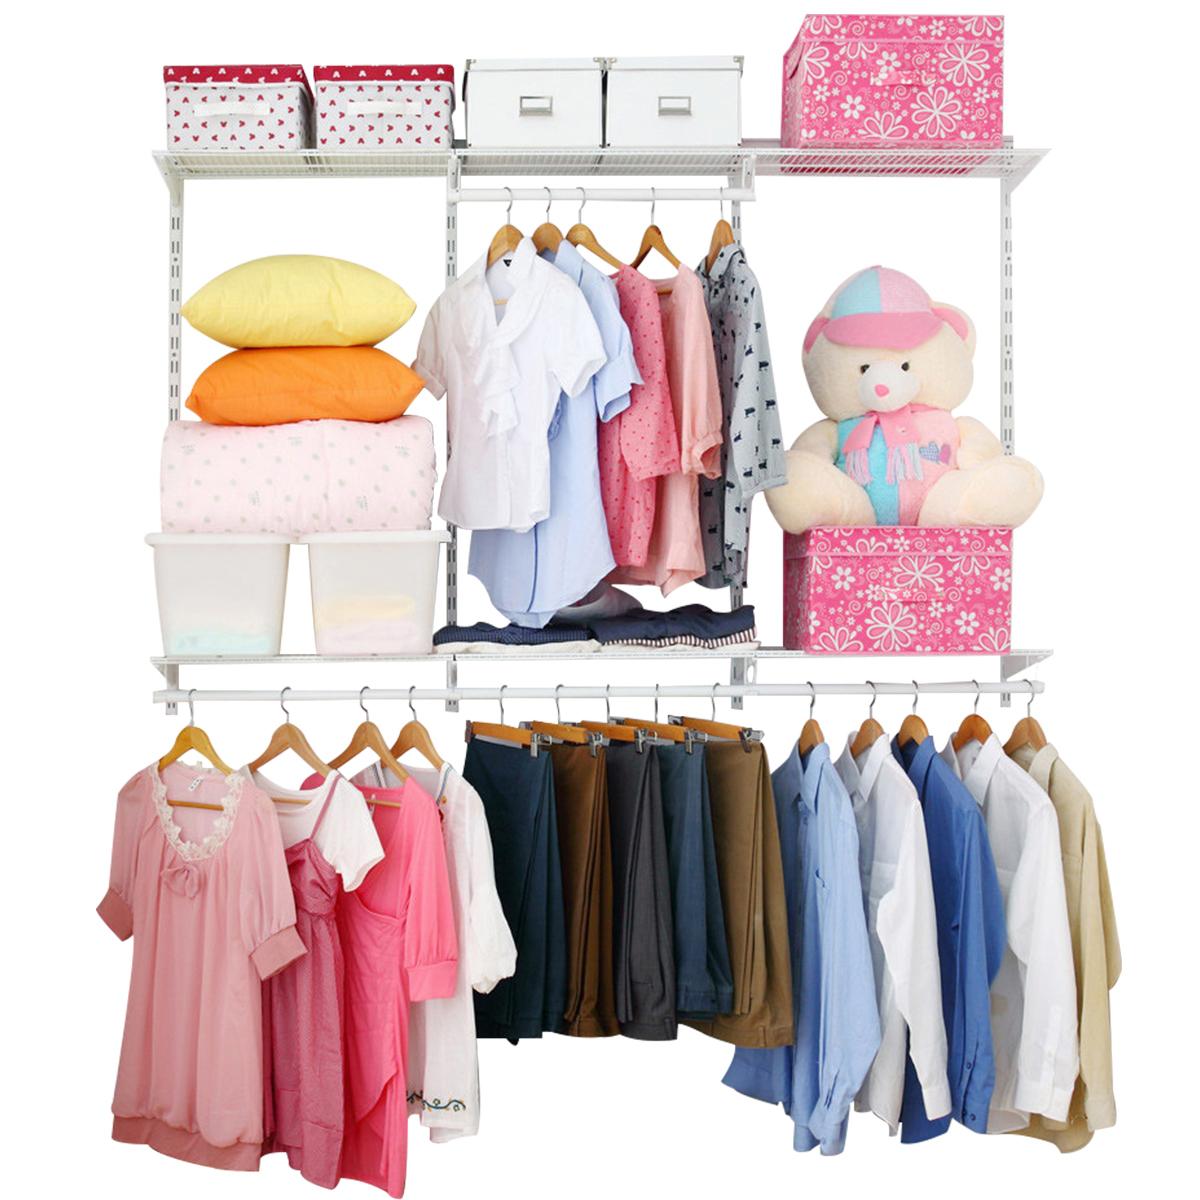 美达斯1.8米衣帽间定制卧室衣柜整体衣橱储物间收纳步入式衣帽间